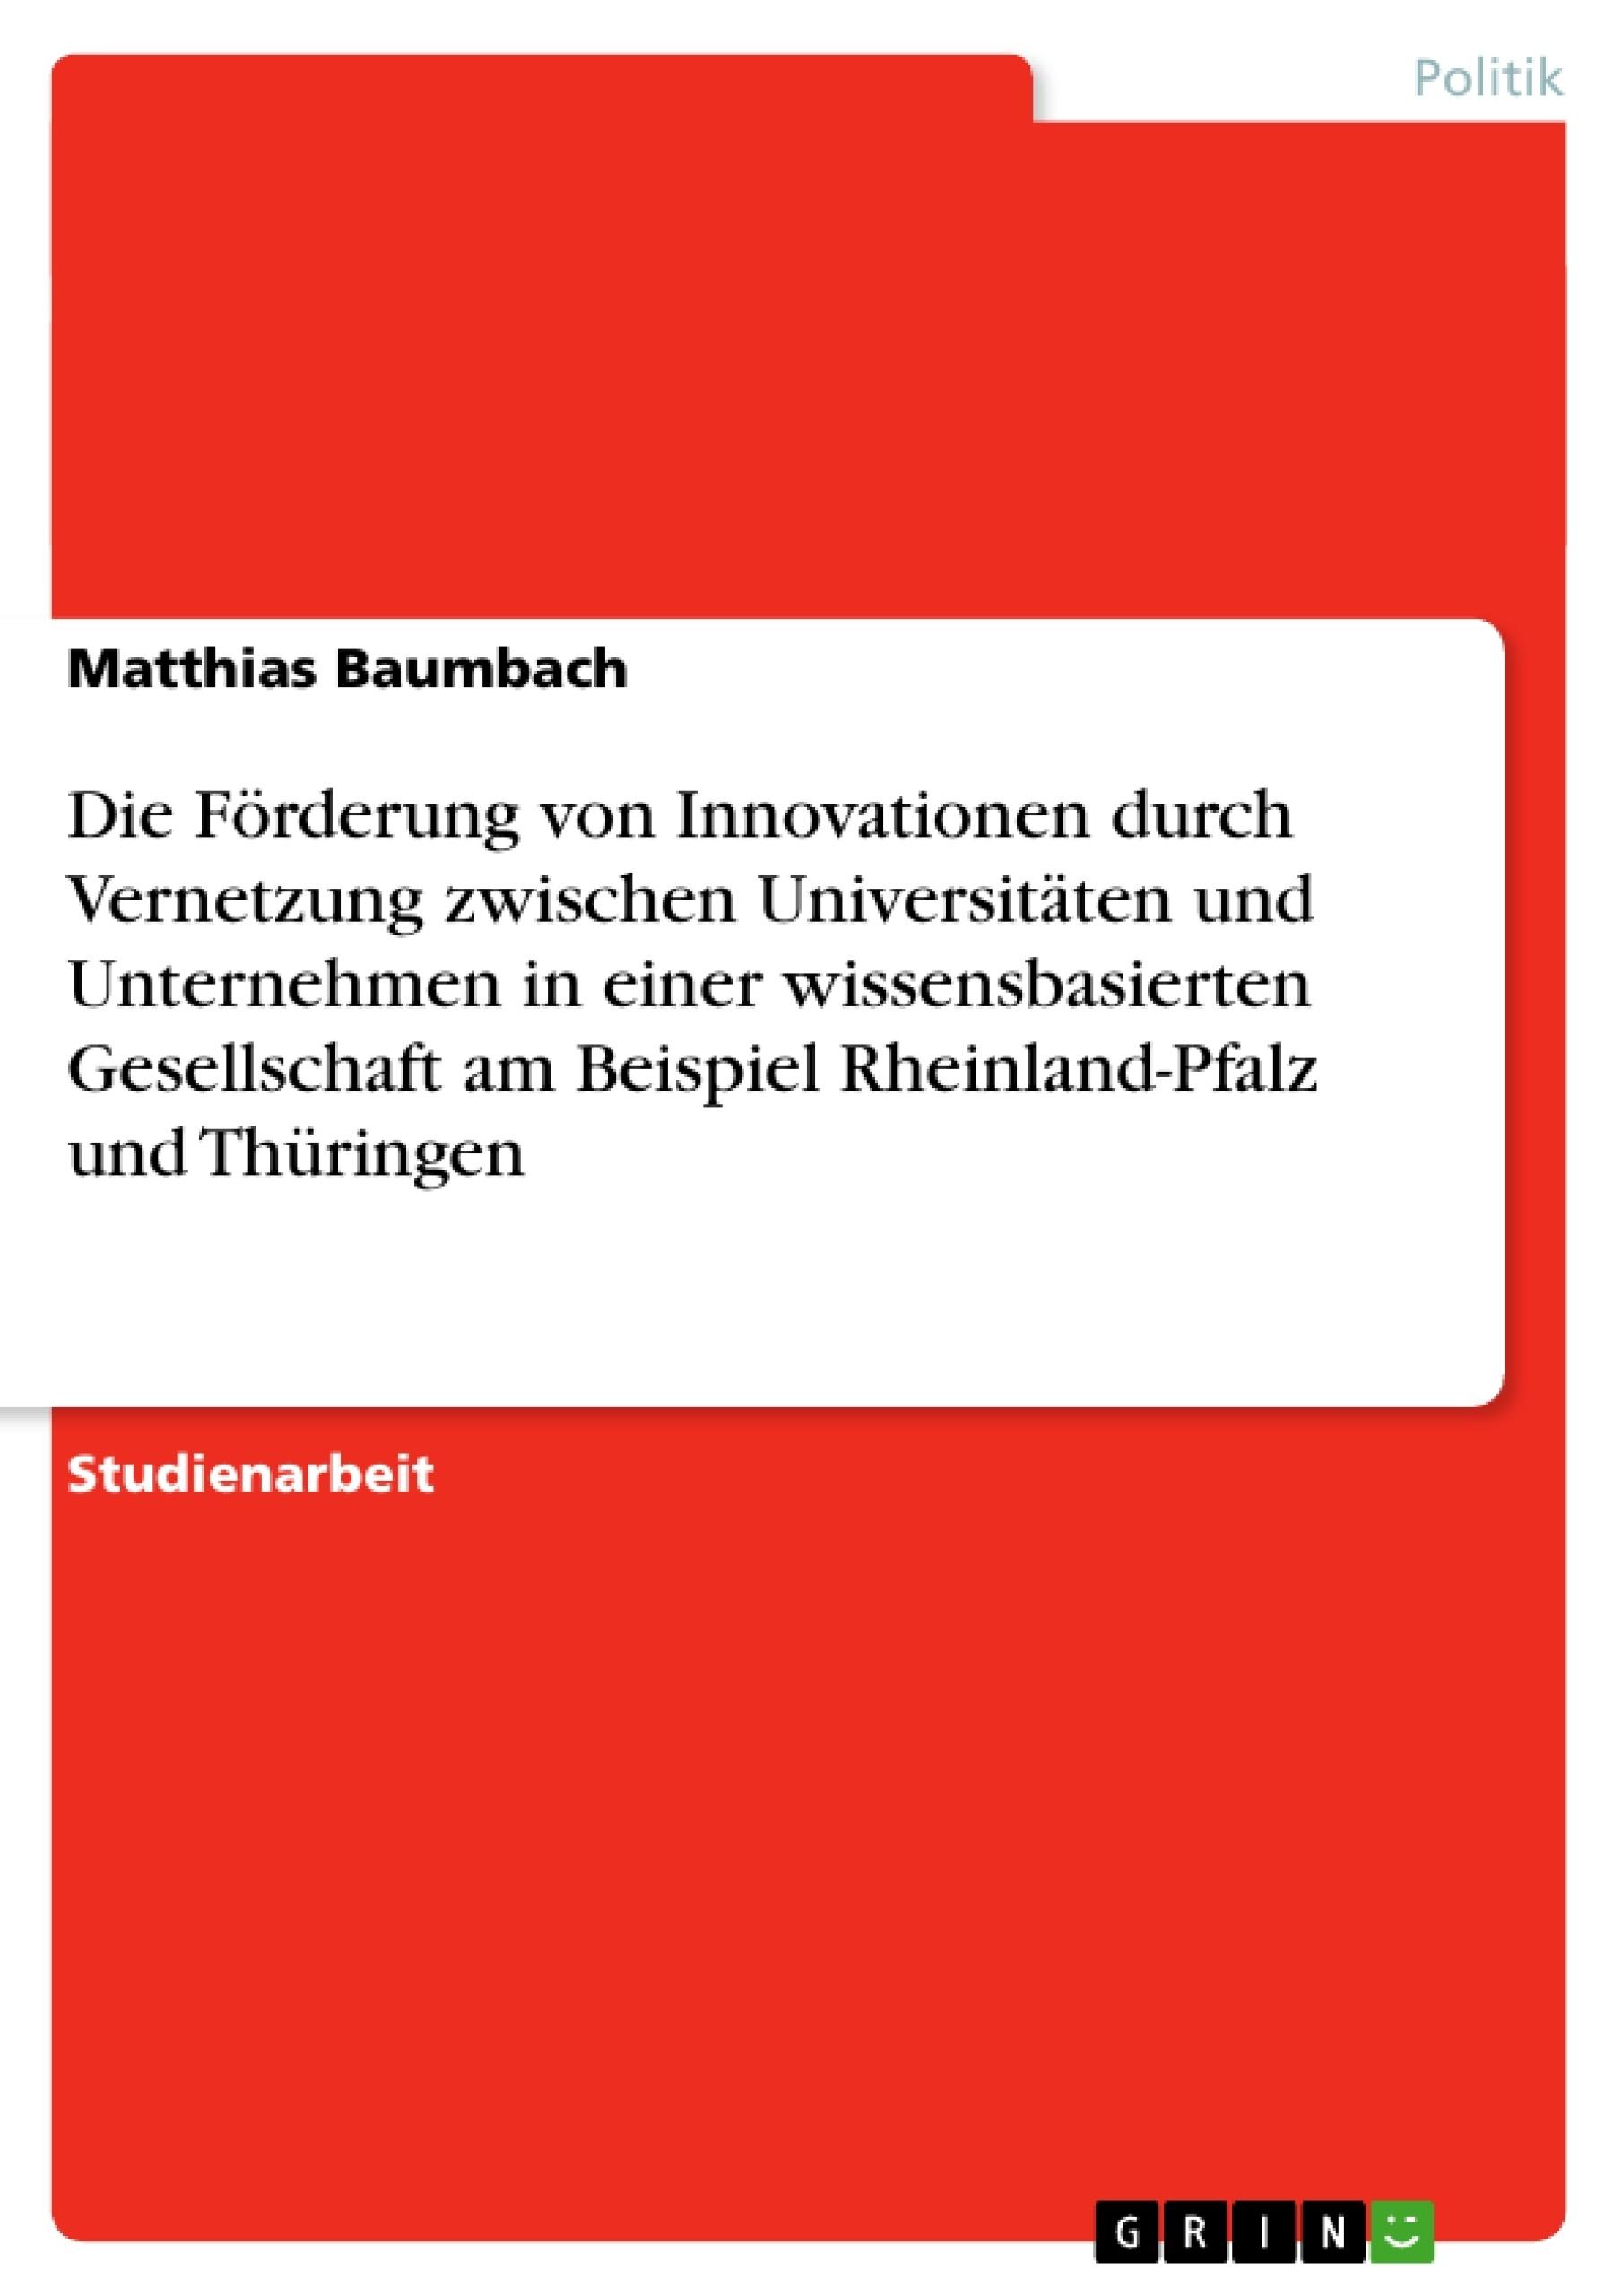 Titel: Die Förderung von Innovationen durch Vernetzung zwischen Universitäten und Unternehmen in einer wissensbasierten Gesellschaft am Beispiel Rheinland-Pfalz und Thüringen